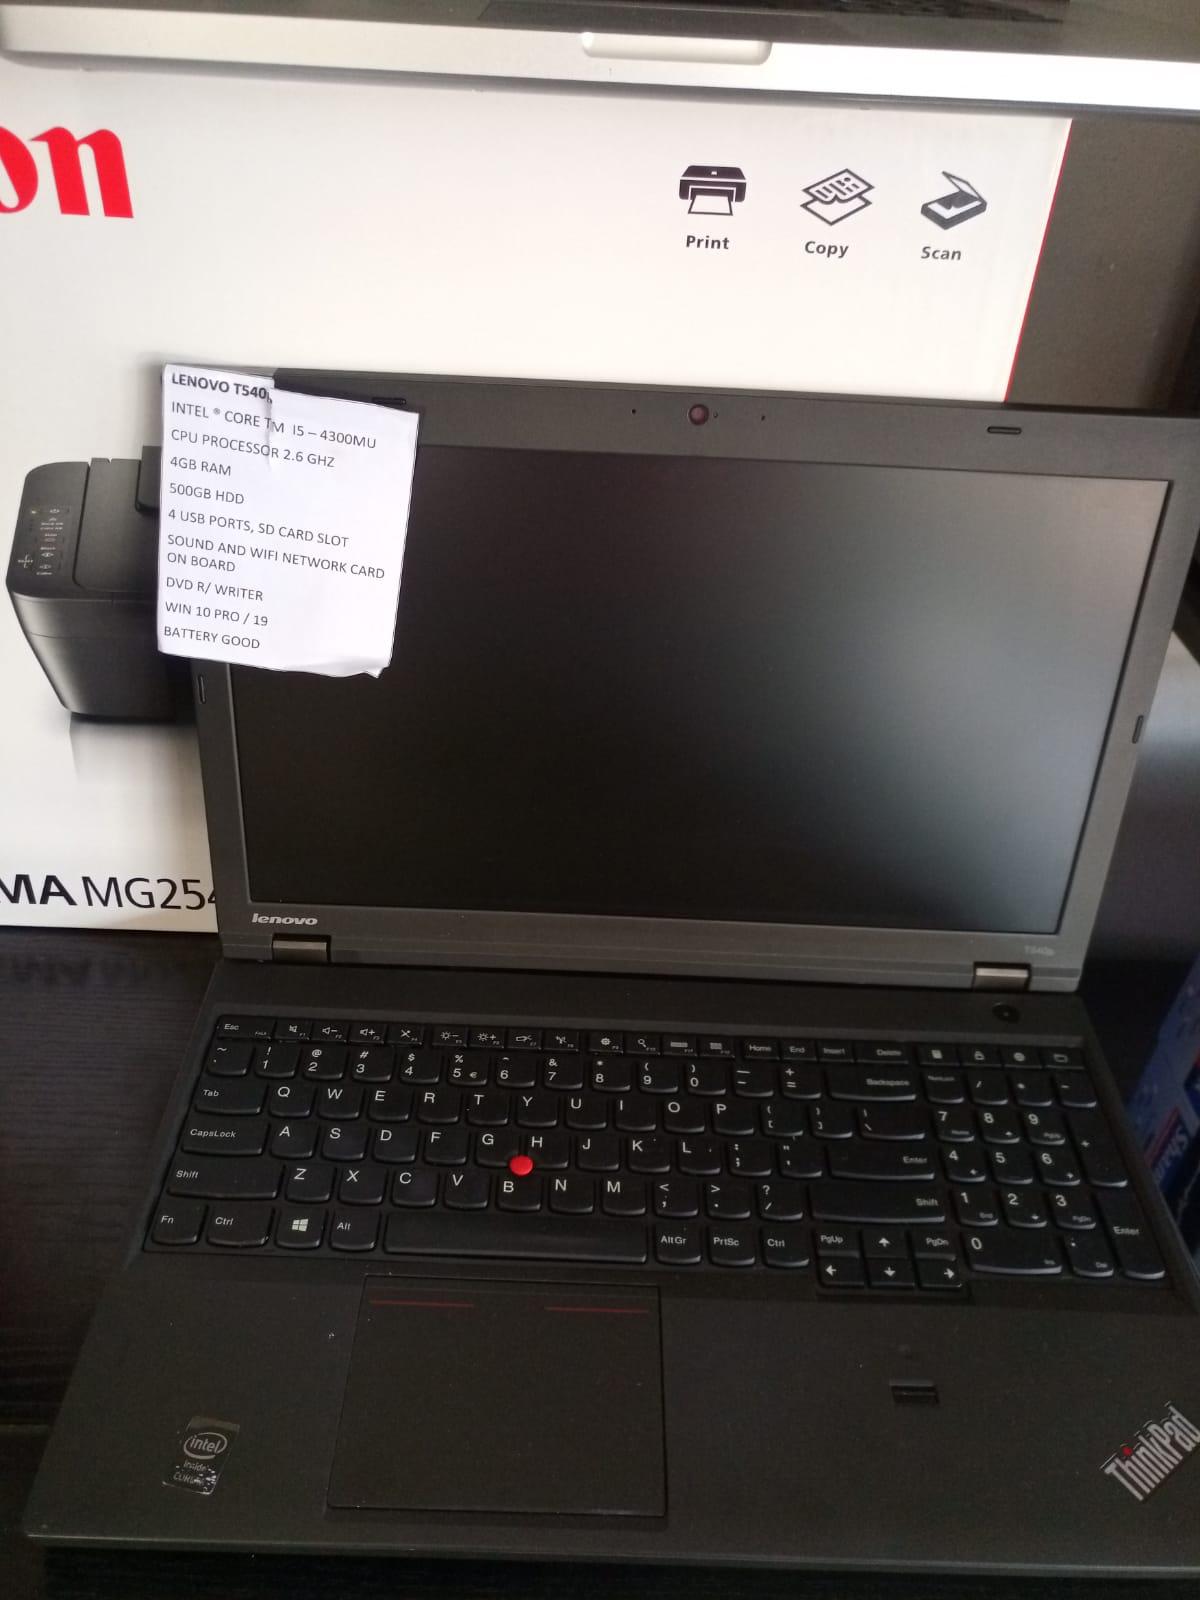 Lenovo T540p